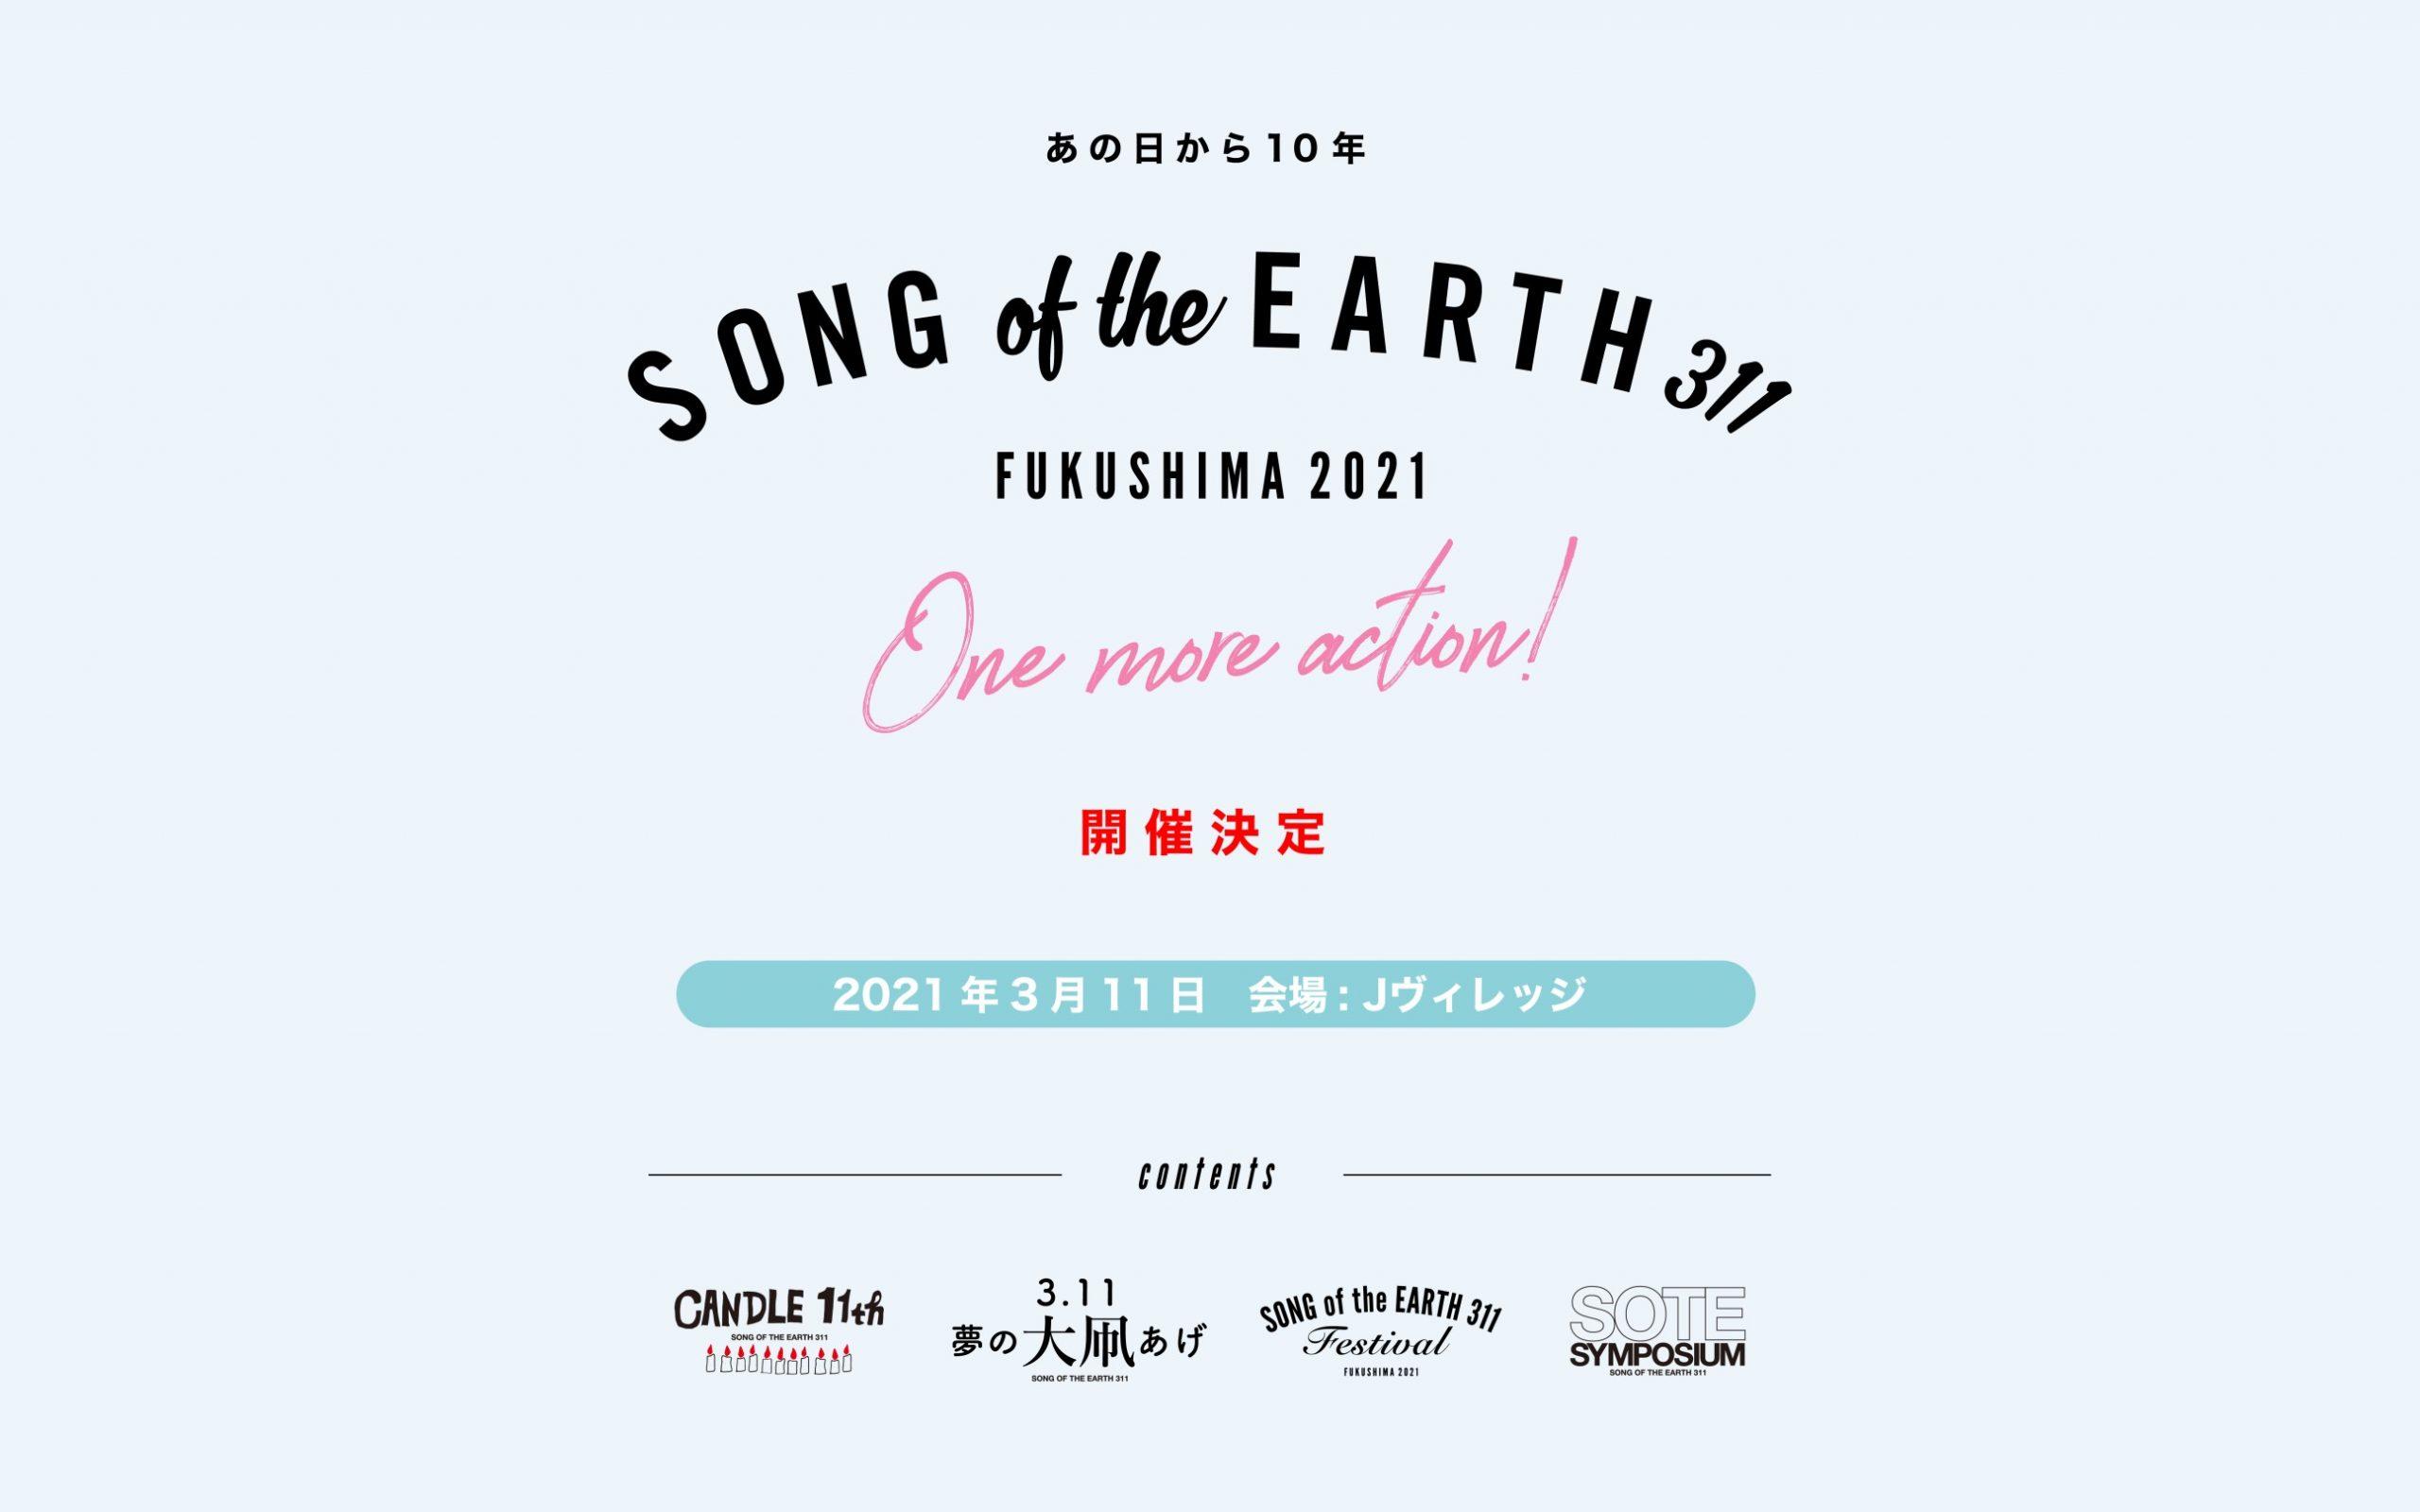 SONG OF THE EARTH 311 -FUKUSHIMA 2021- 開催決定!